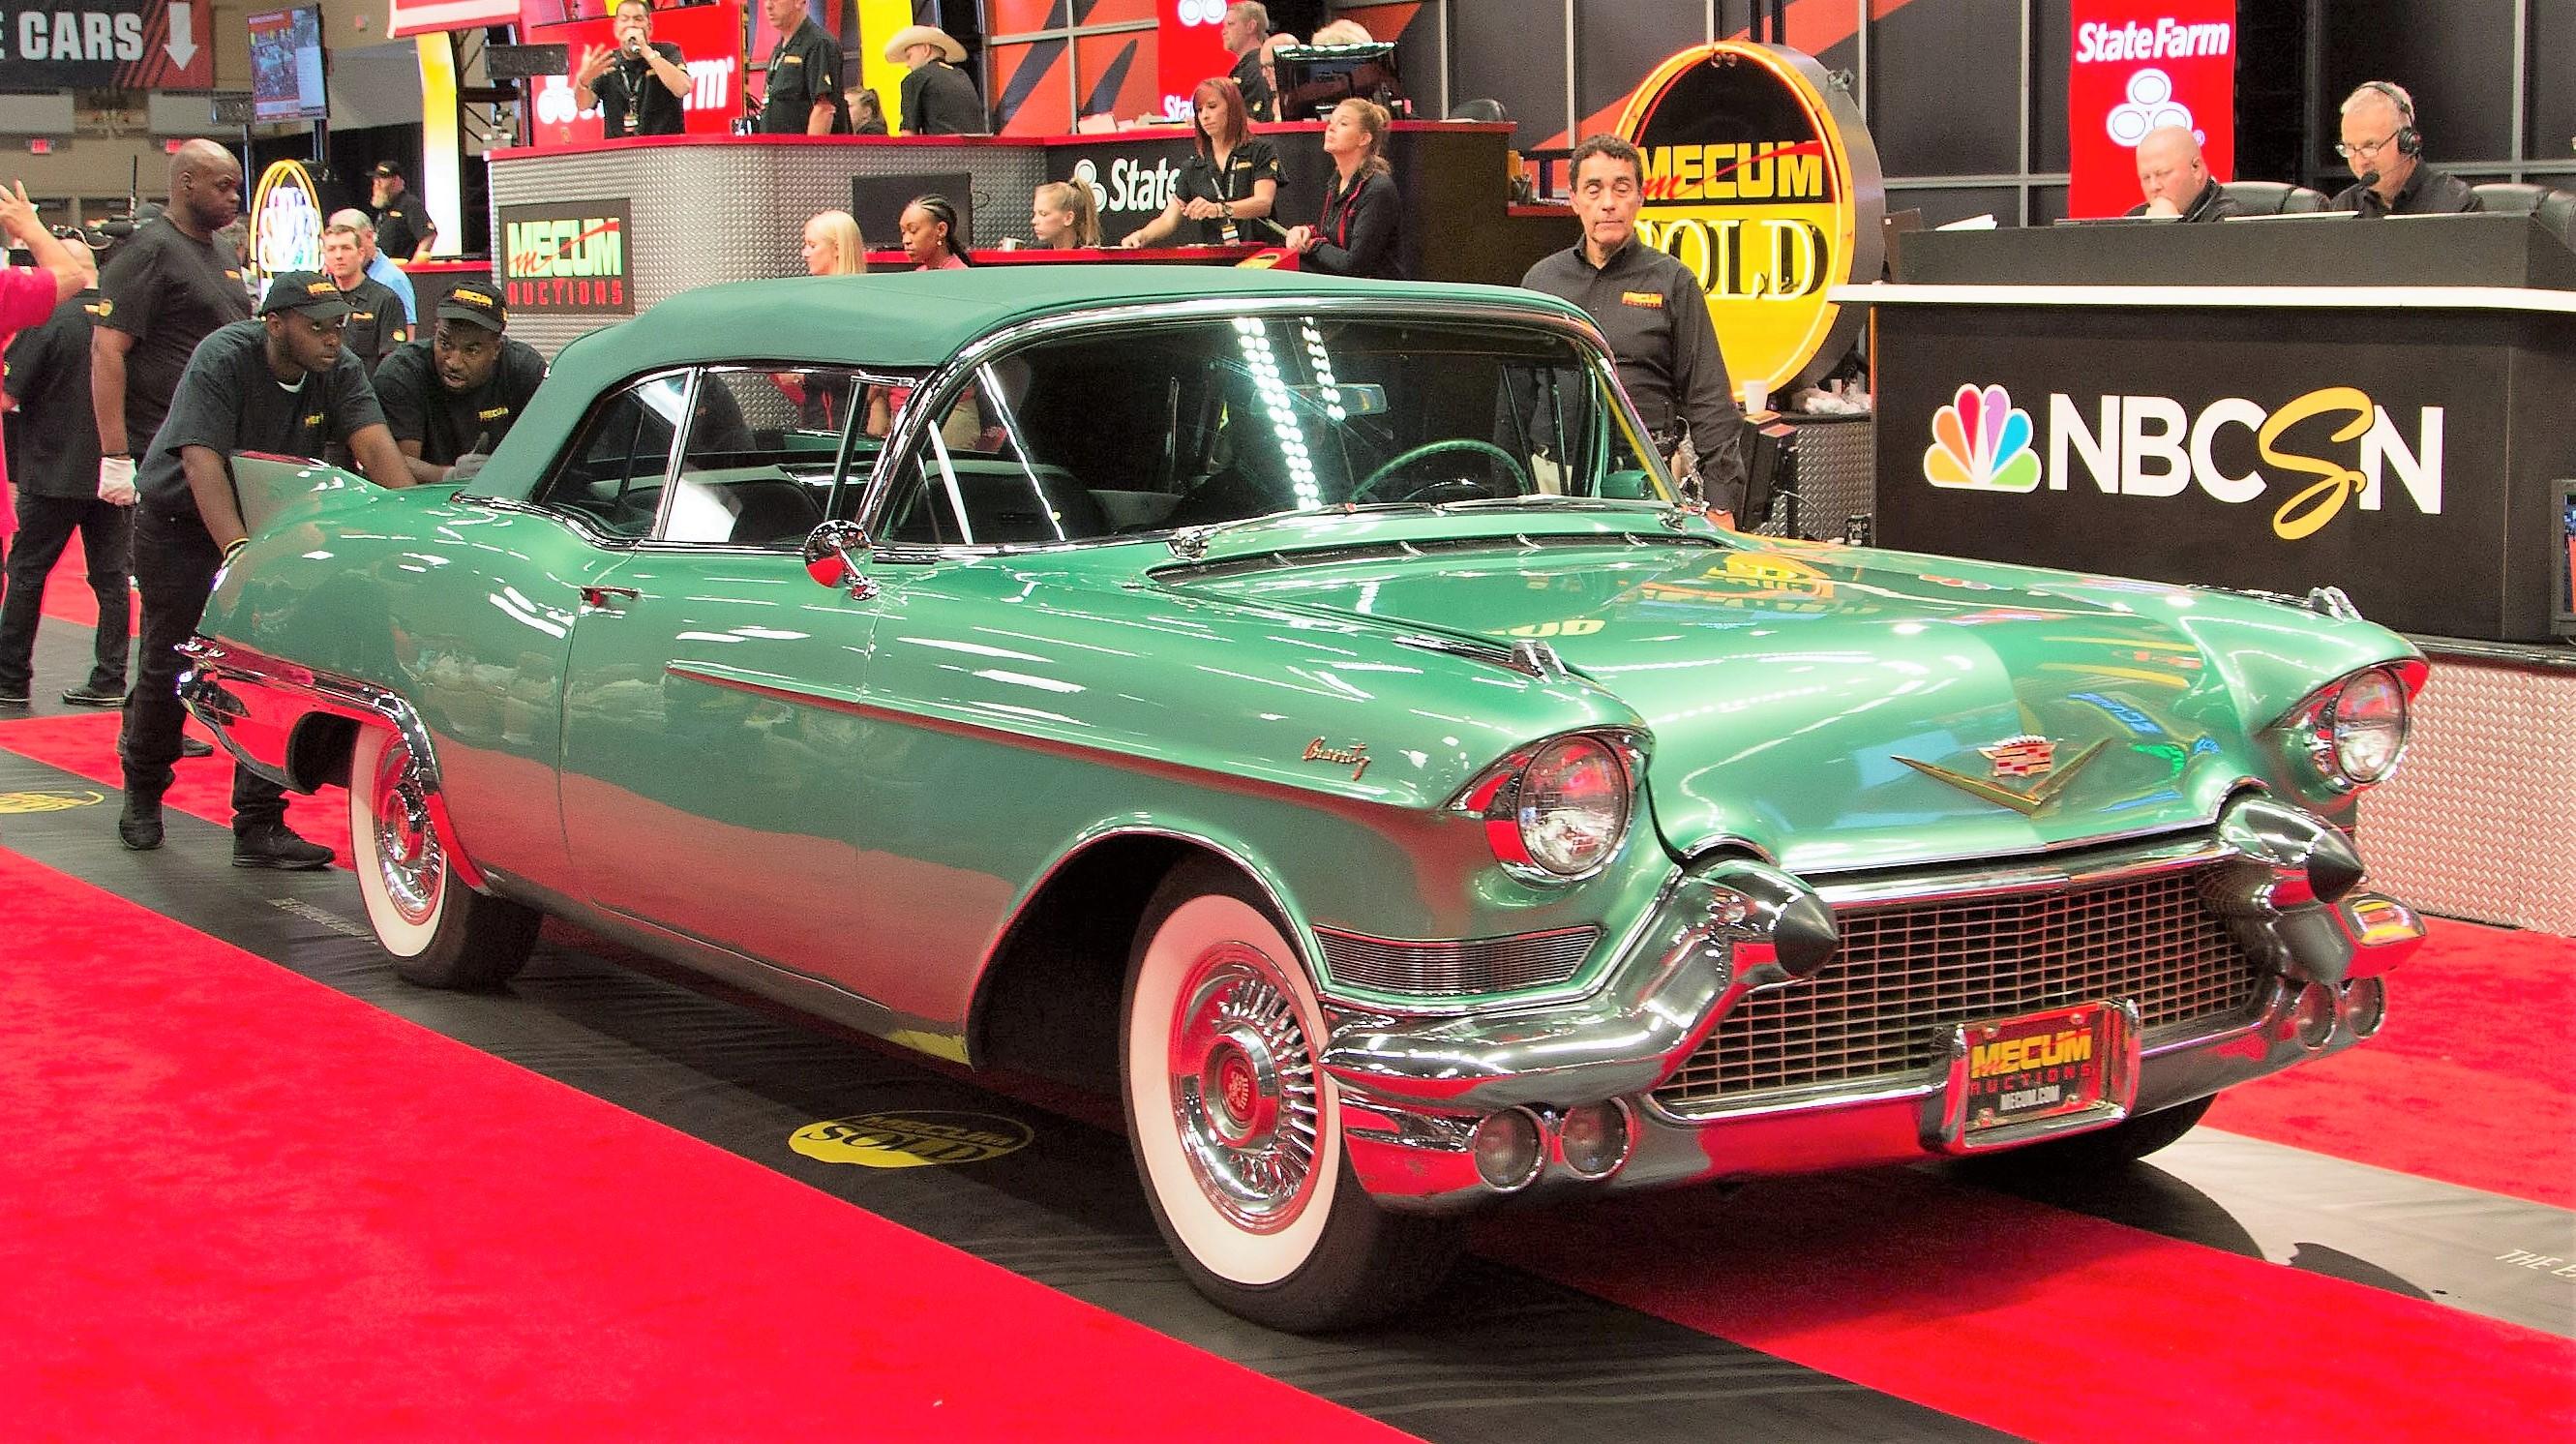 Vintage Vettes top Mecum\'s Chicago sale - ClassicCars.com Journal